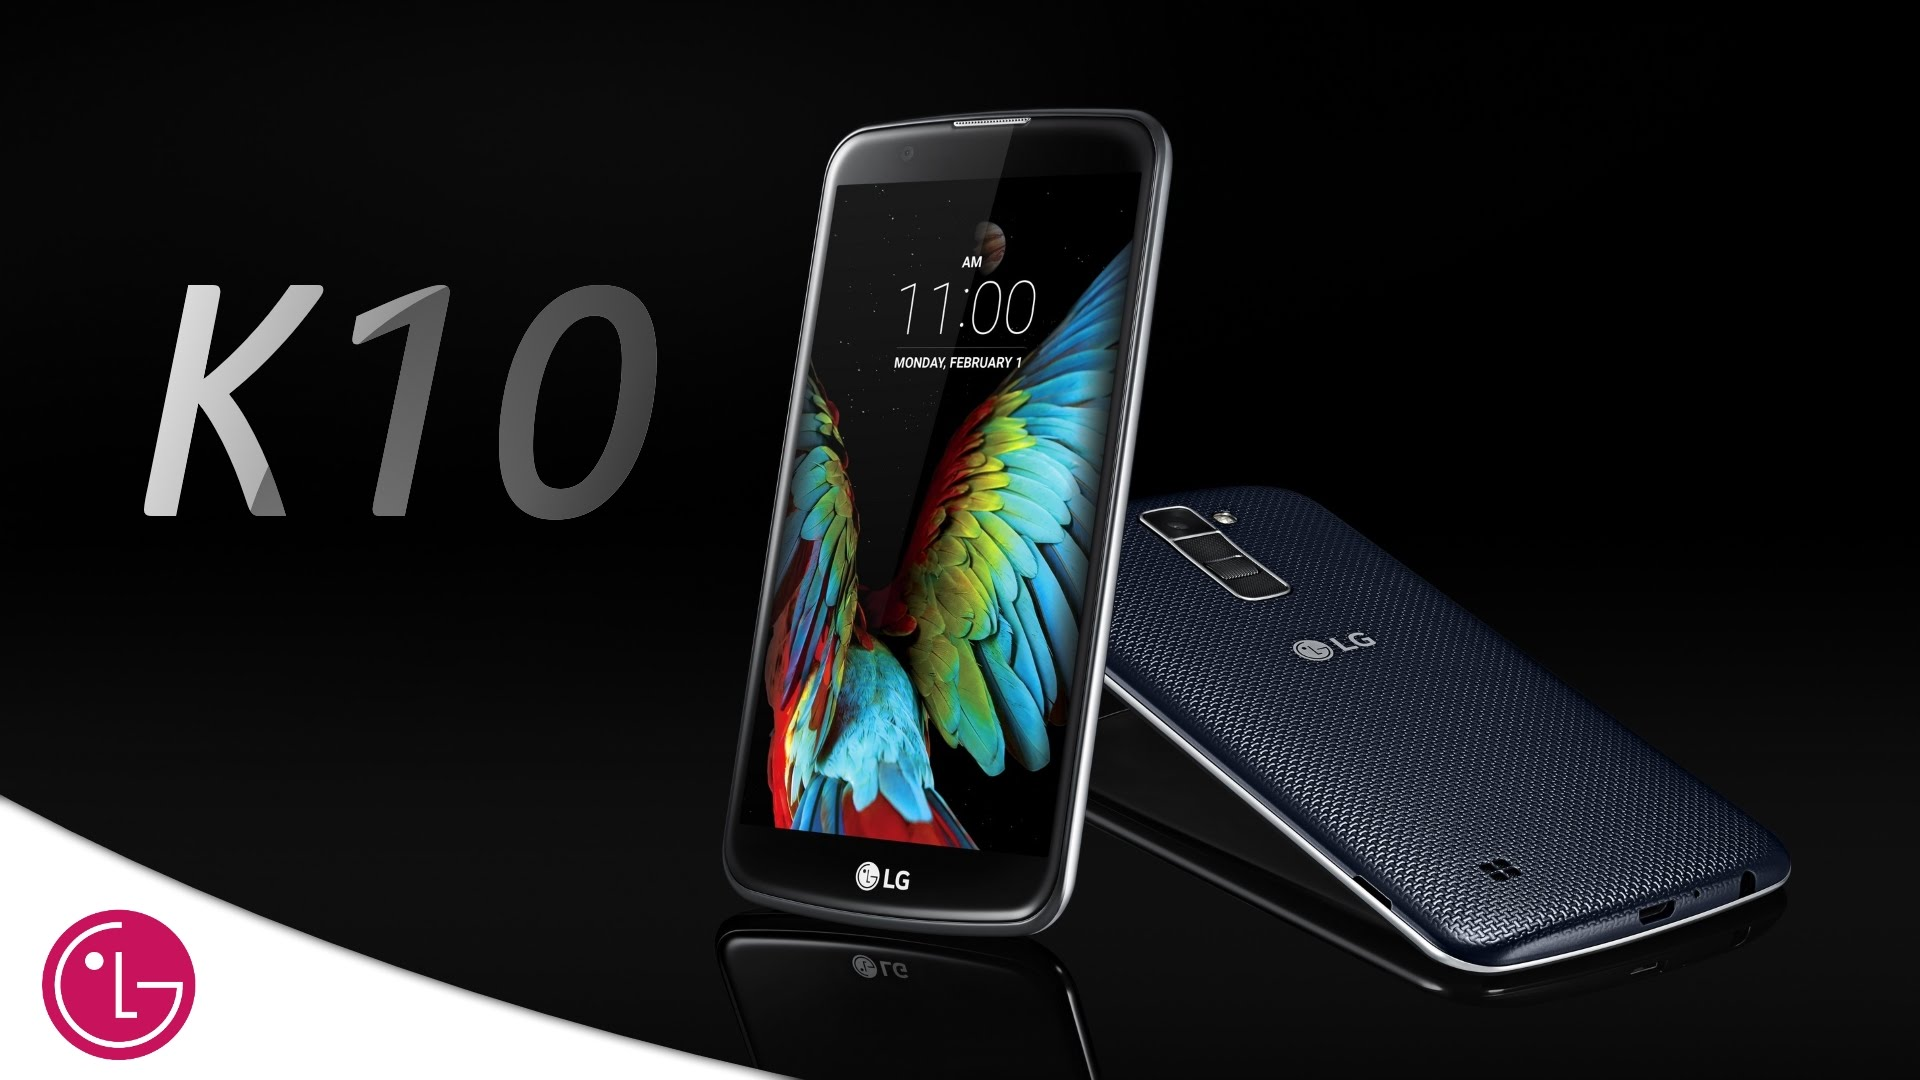 Cum se face reparatia telefonului LG K10?